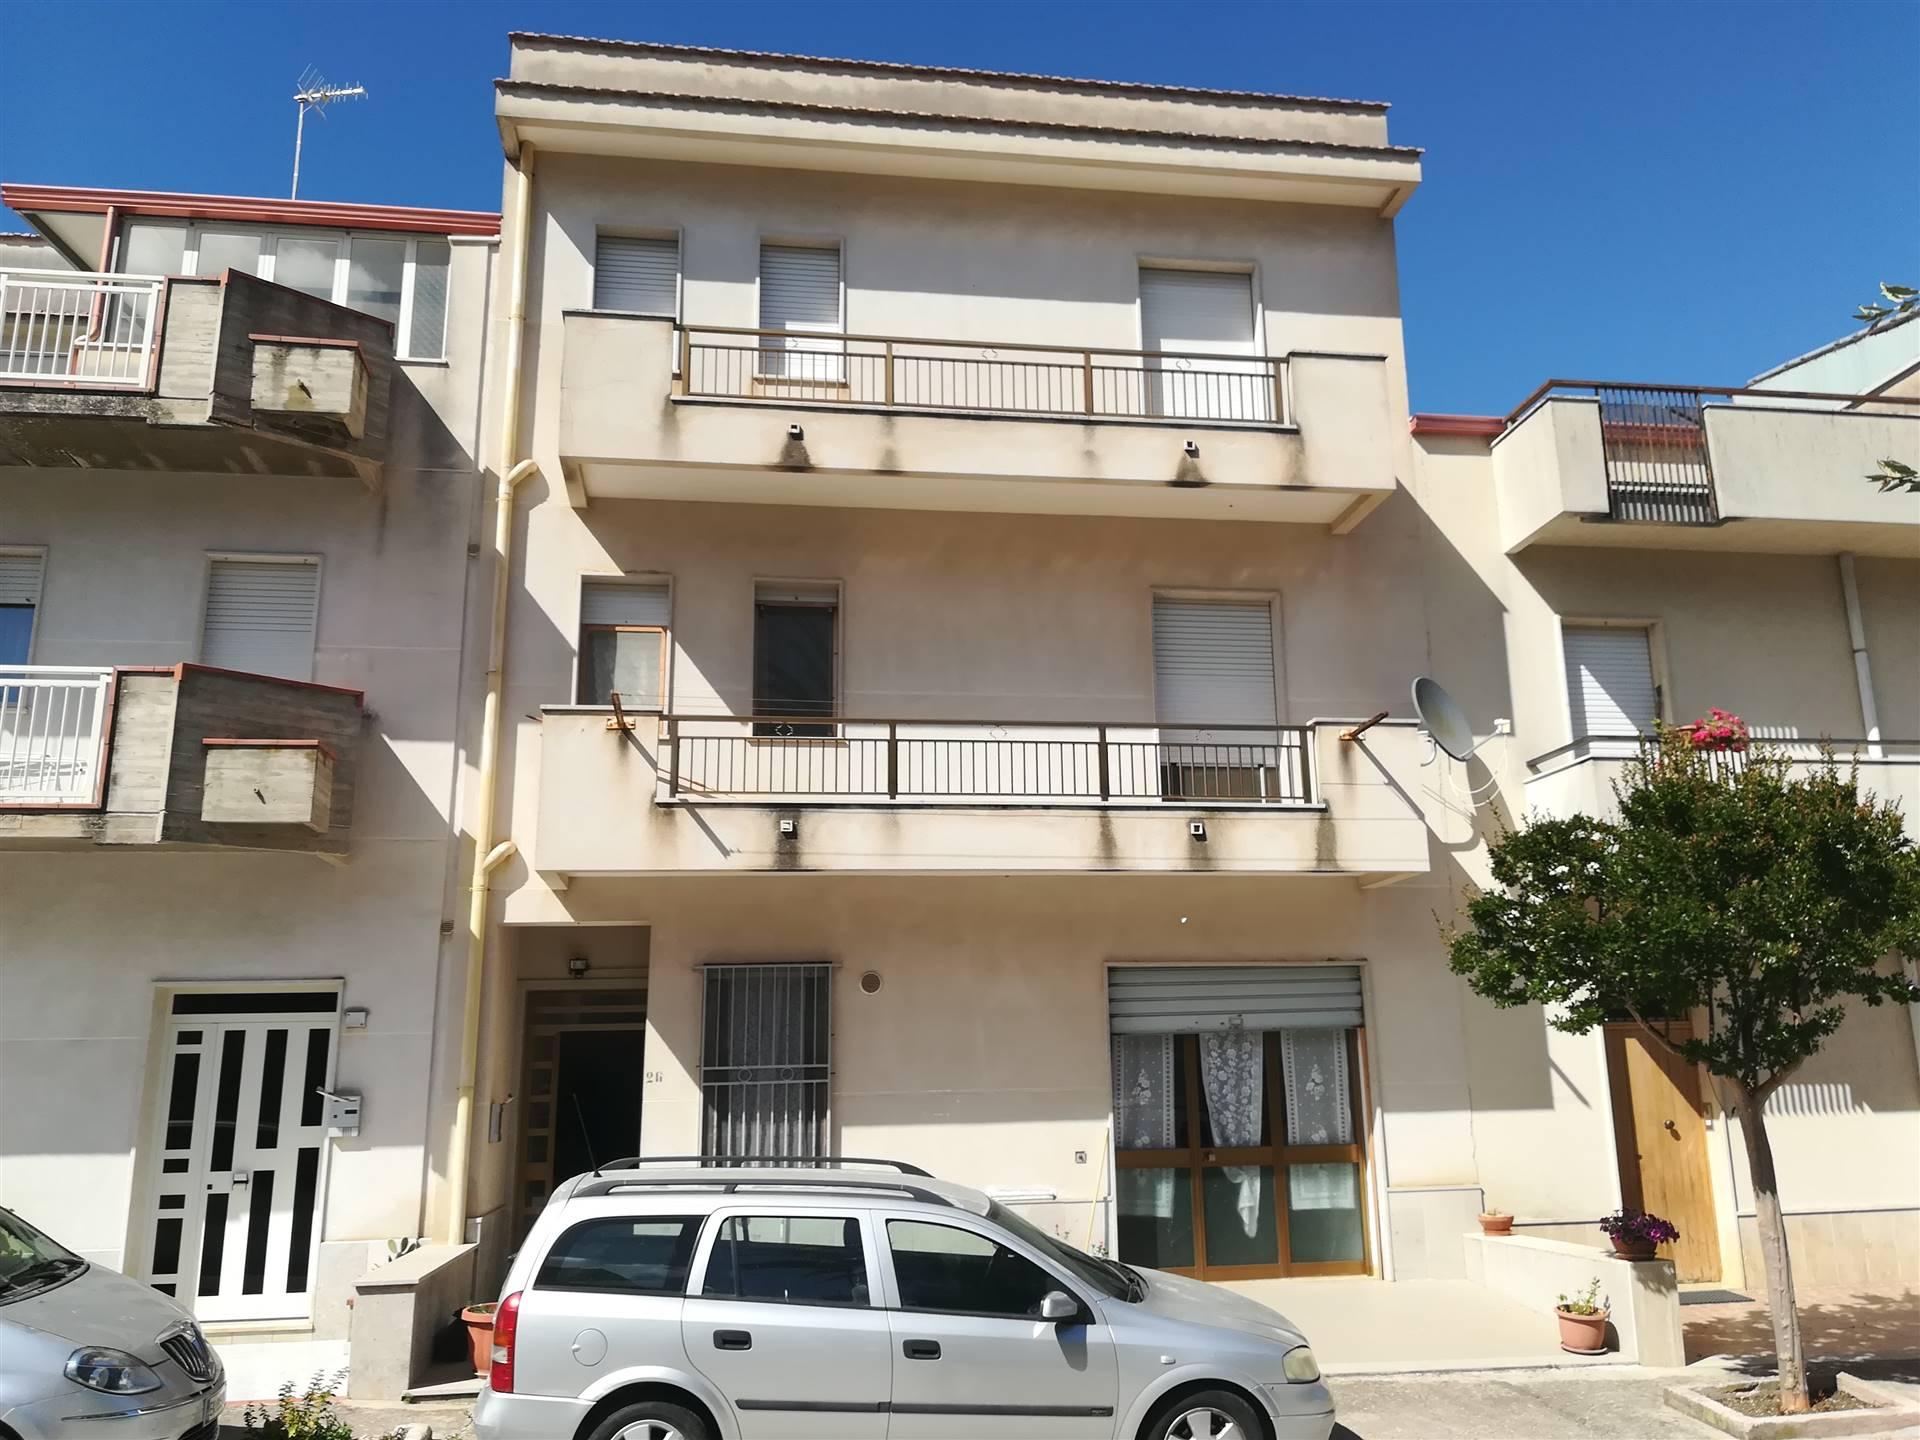 Einzelhaus in SALEMI 240 Qm | 11 Räume | Garten 100 Qm